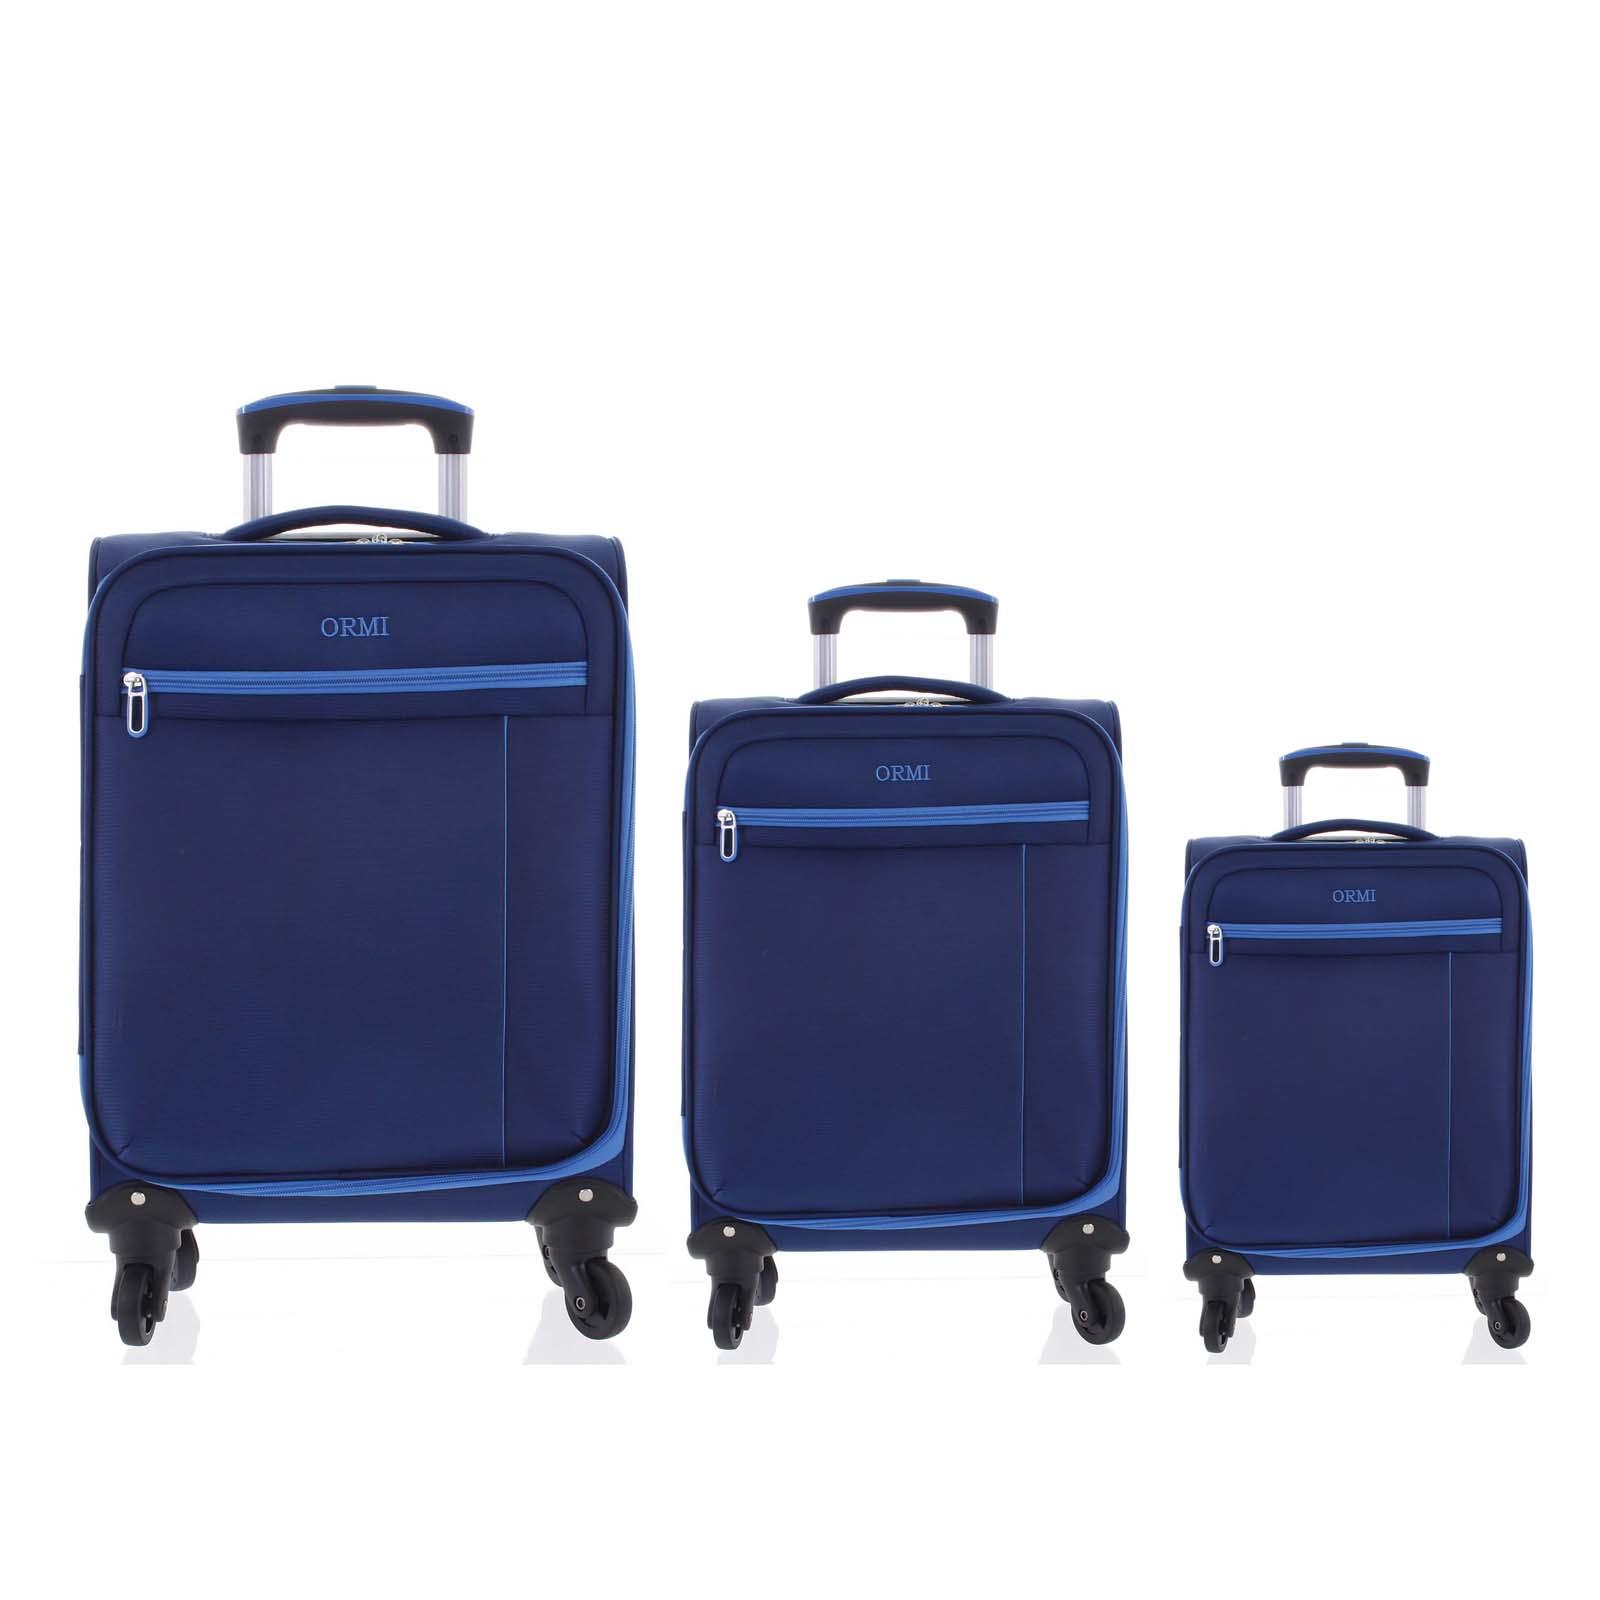 Kvalitný elegantný látkový modrý cestovný kufor sada - Ormi Mada L, M, S